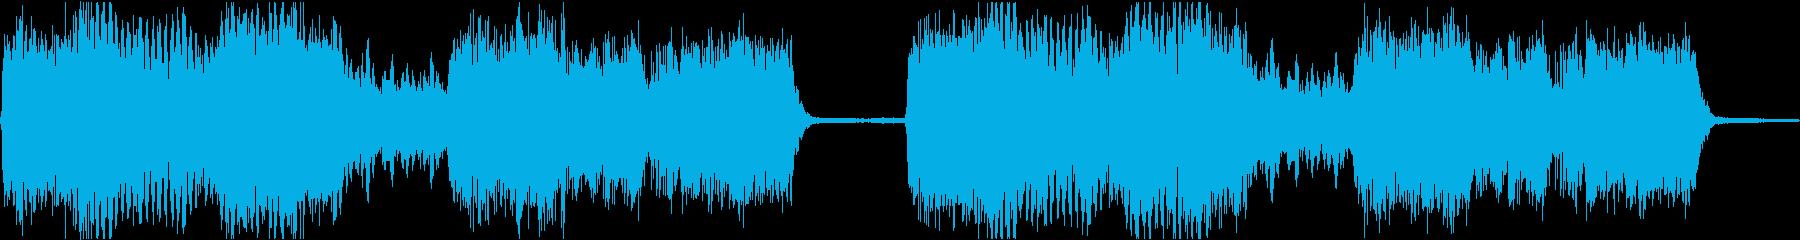 サイレン siren 警報 アラート 2の再生済みの波形